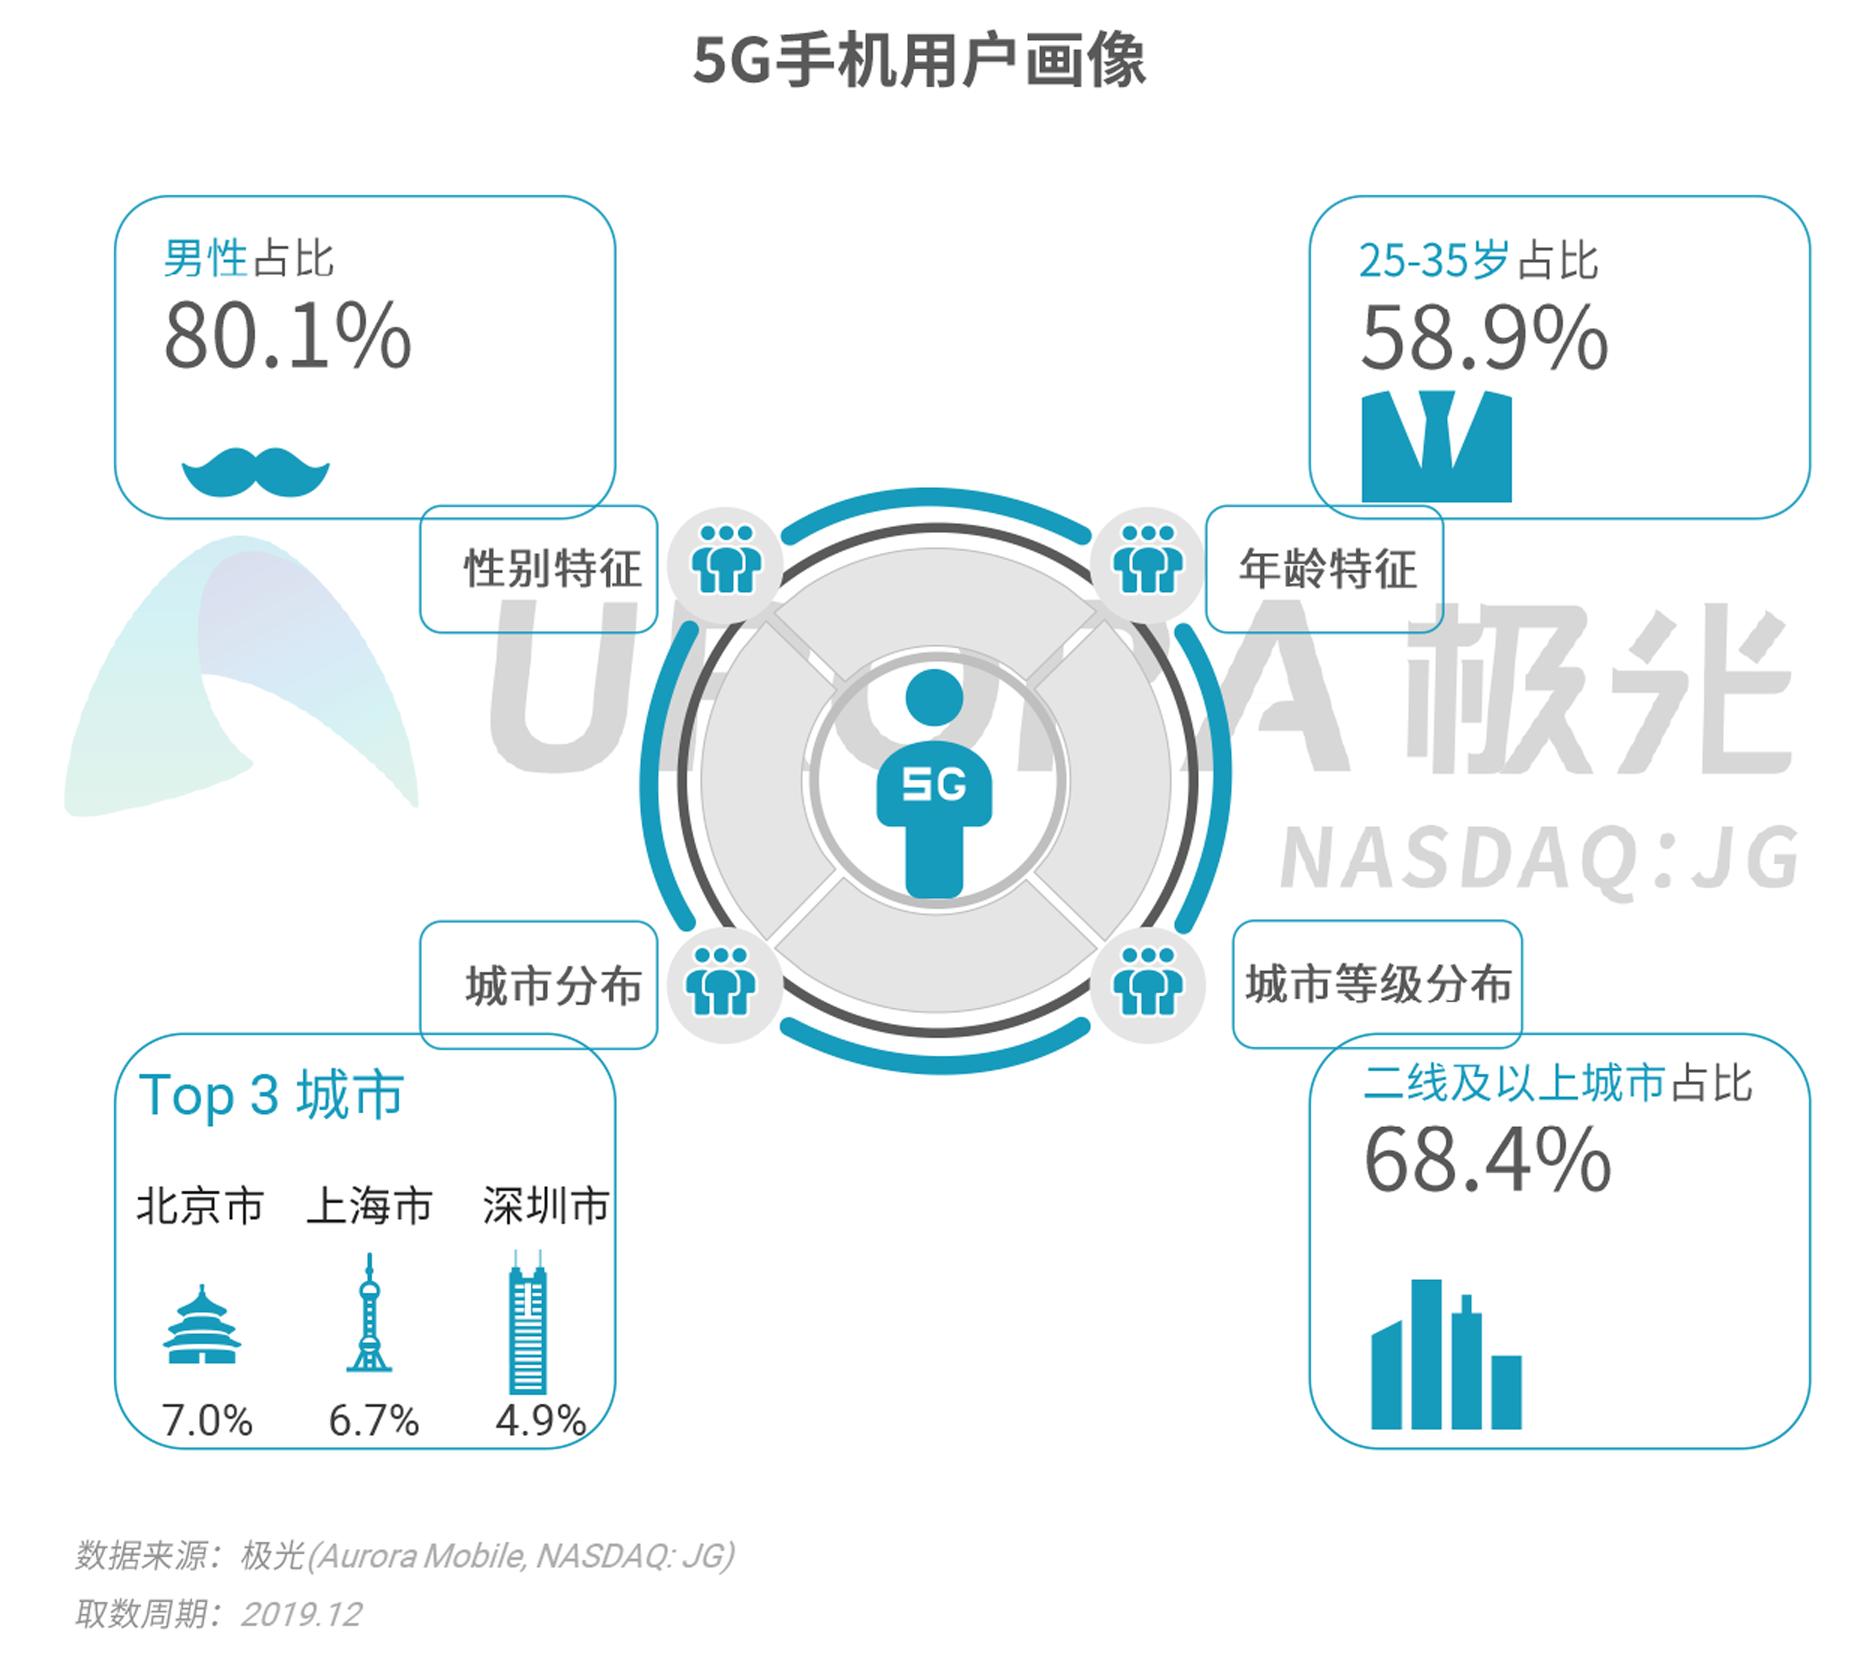 2019年Q4智能手机行业研究报告-V4---加粗版-11.png